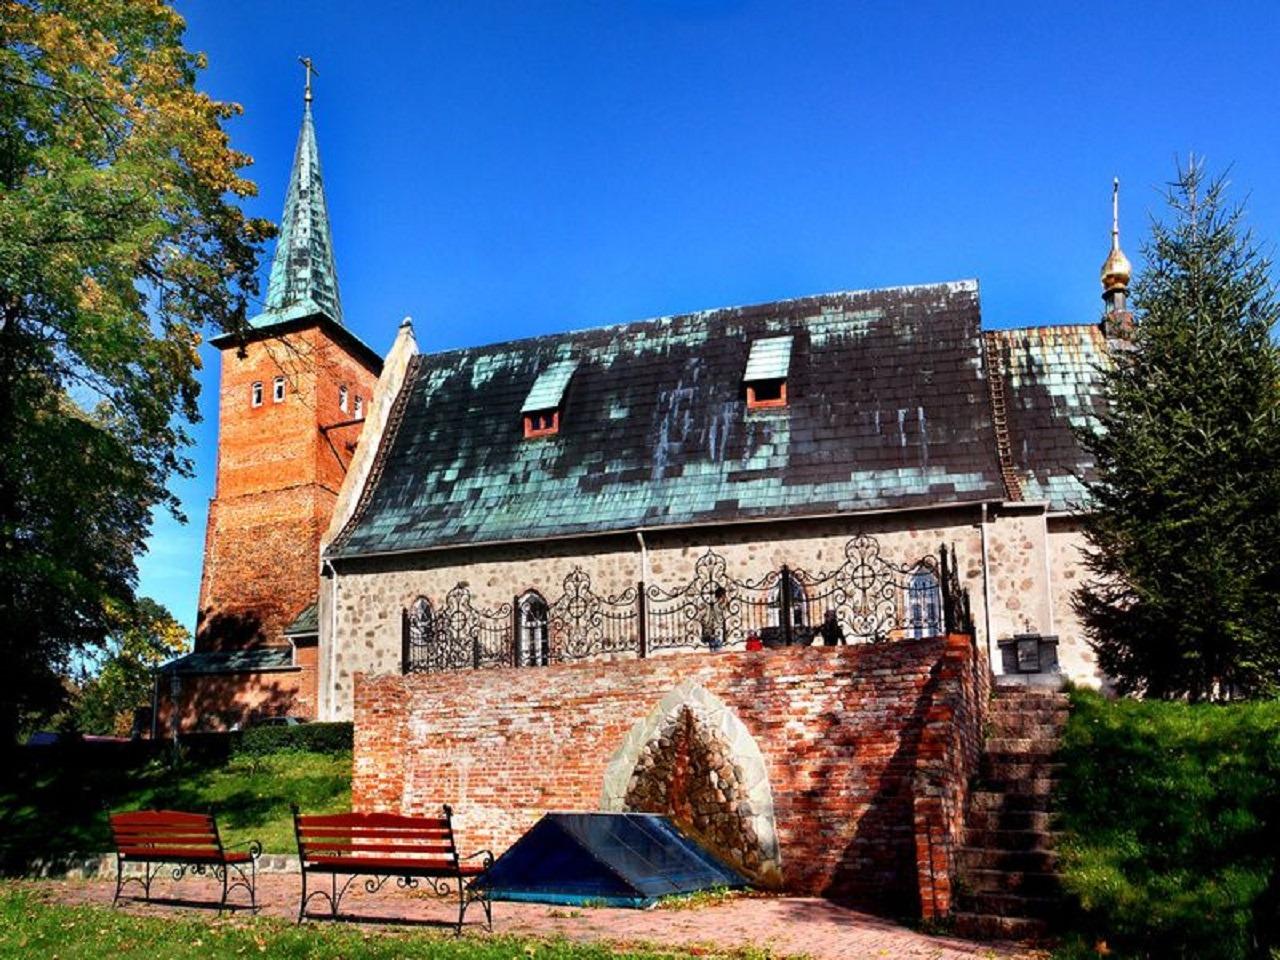 Кирха Юдиттен или Свято-Никольский собор в Калининграде